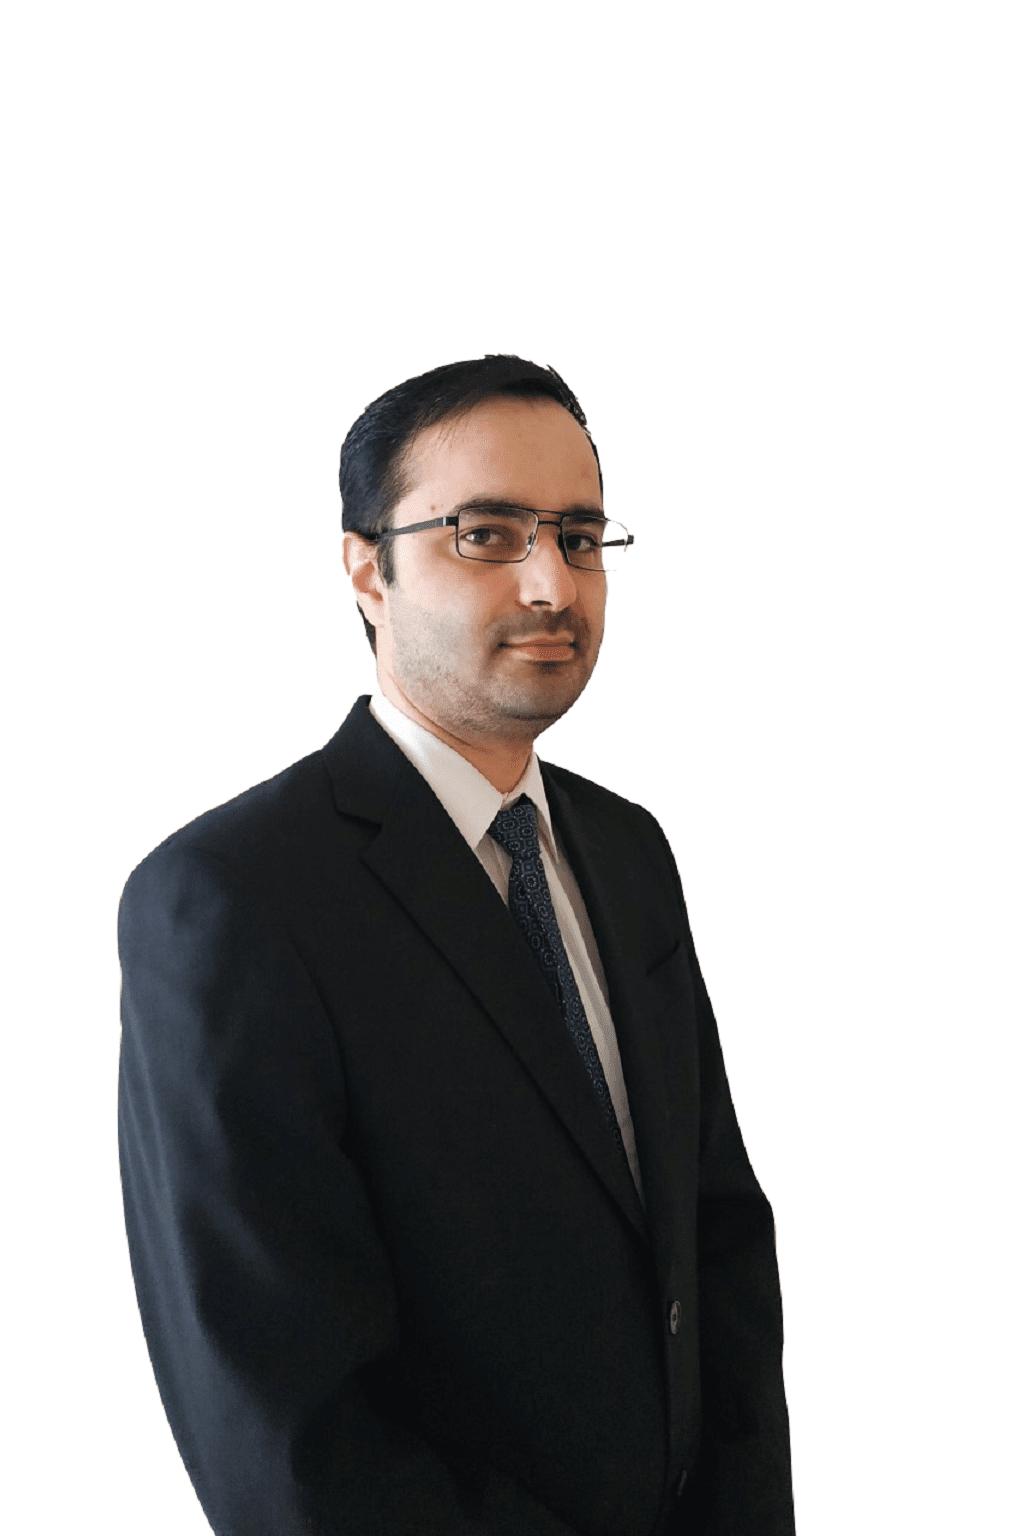 Milad Ahmadzai